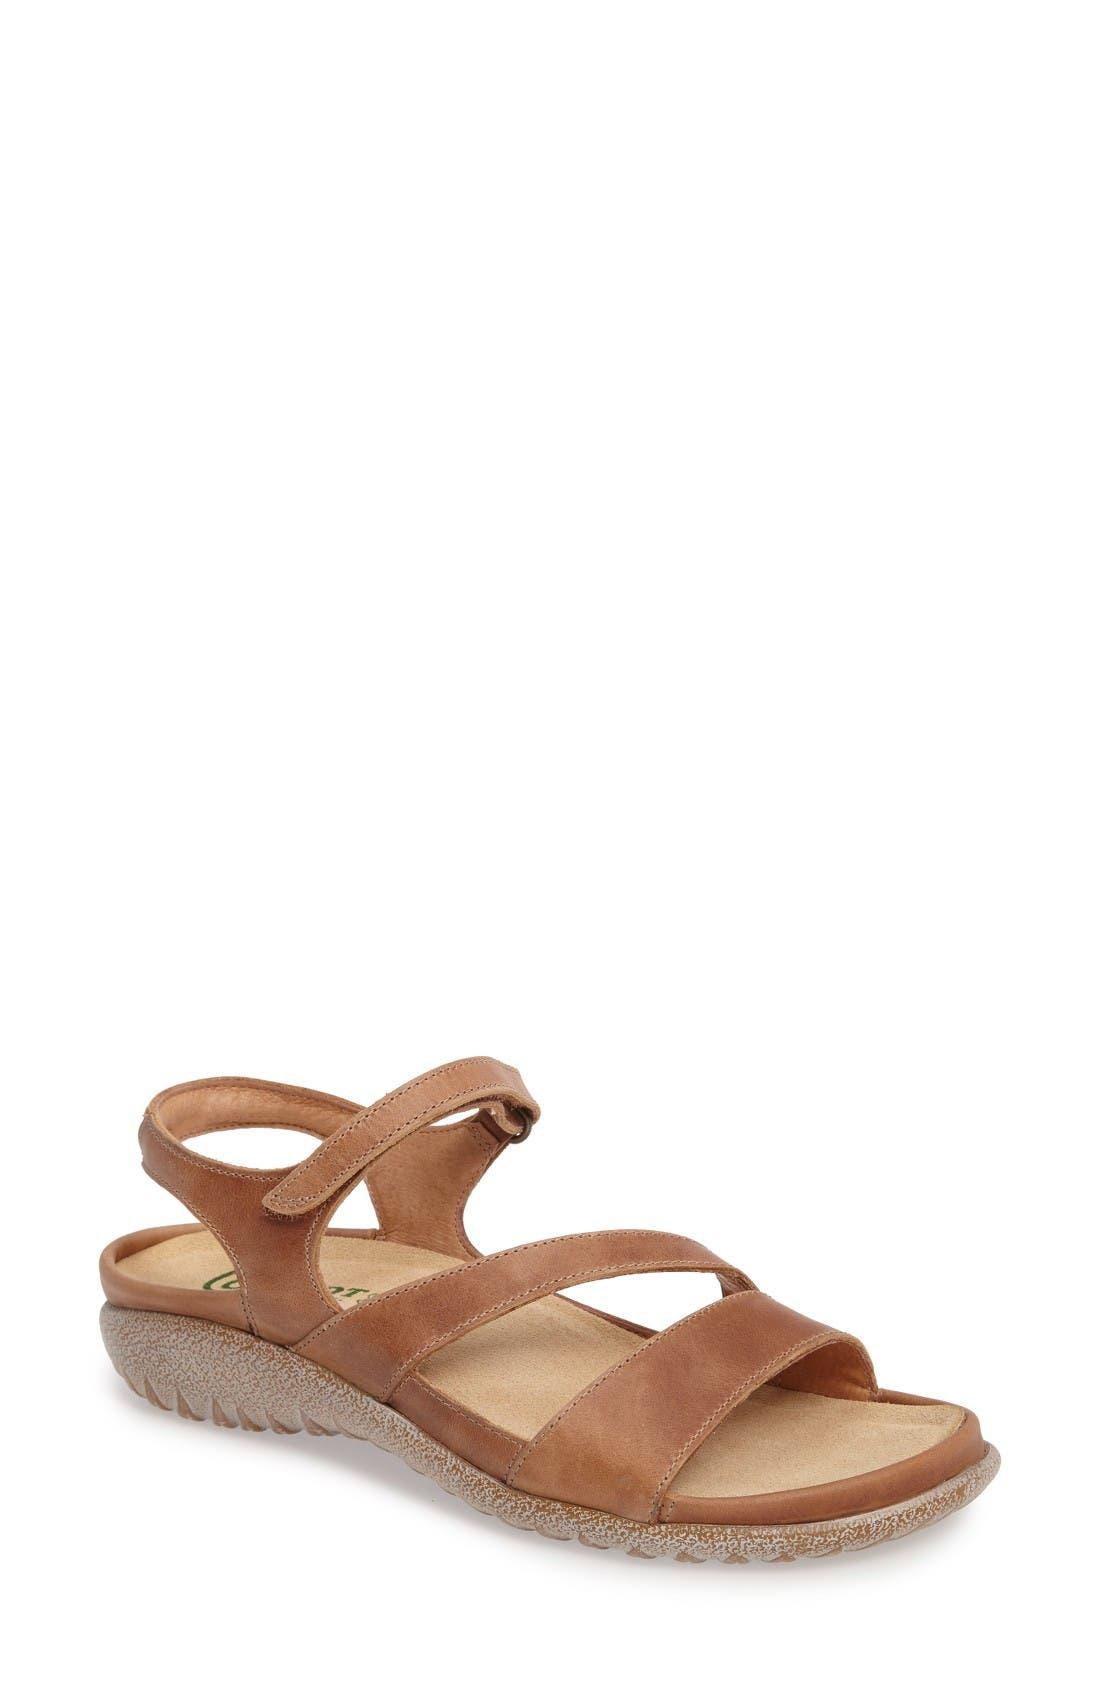 Naot 'Etera' Sandal